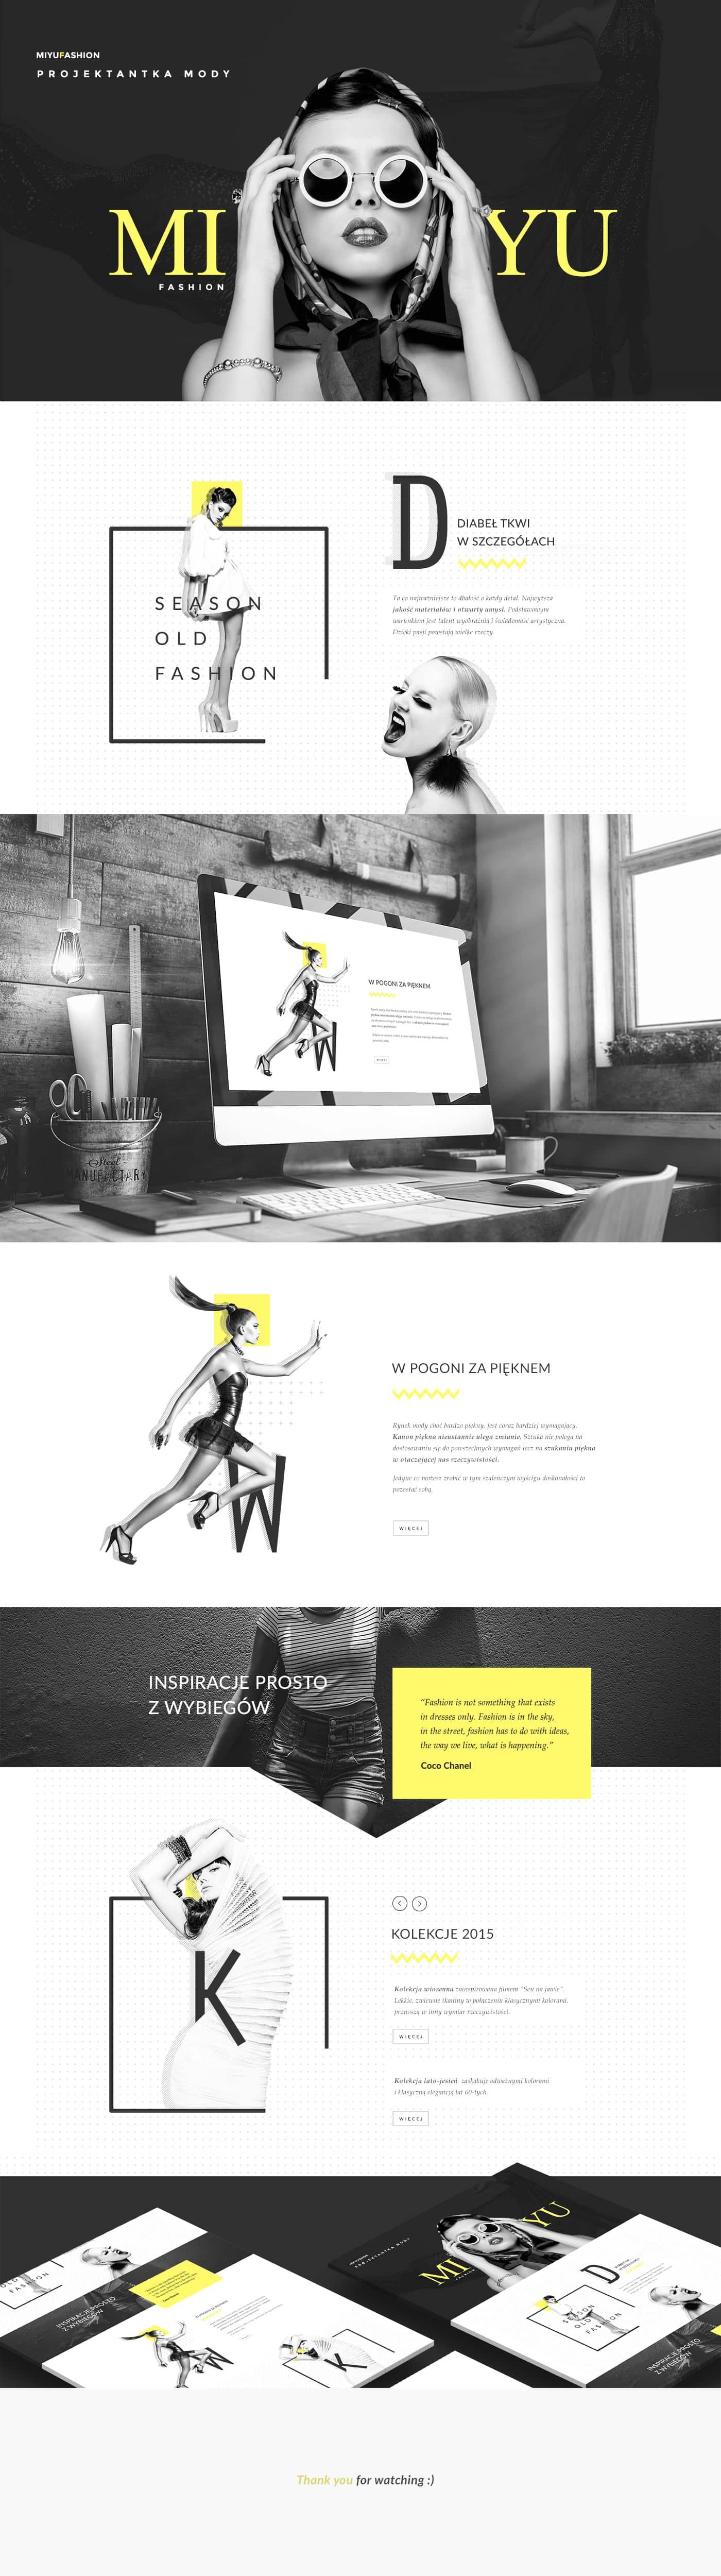 Miyu Fashion Website Inspiration